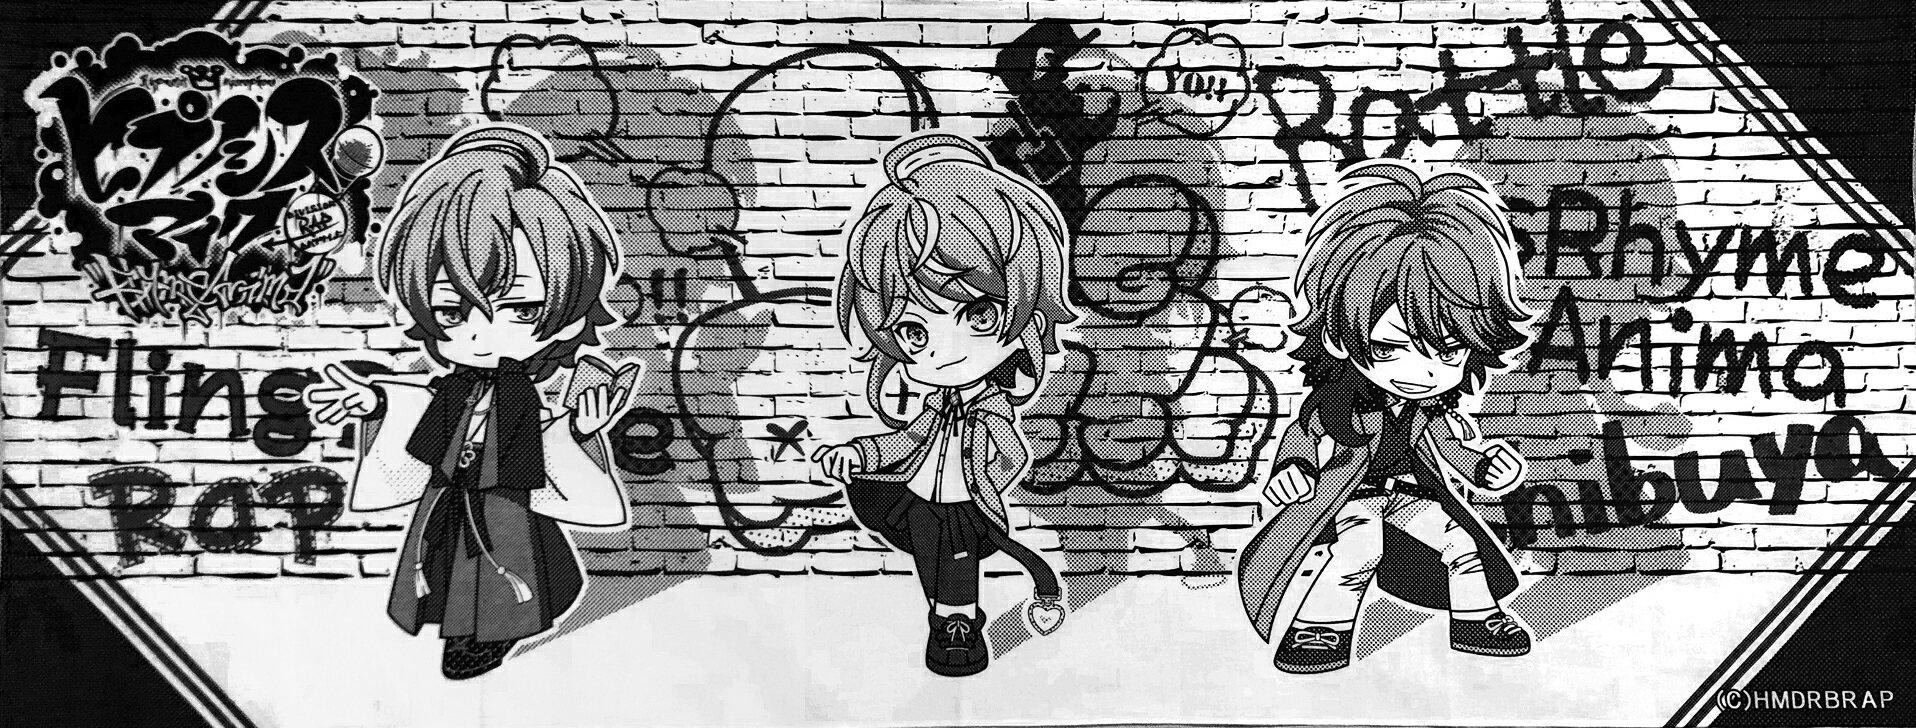 タオル, その他 (4)Division Rap Battle Fling Posse